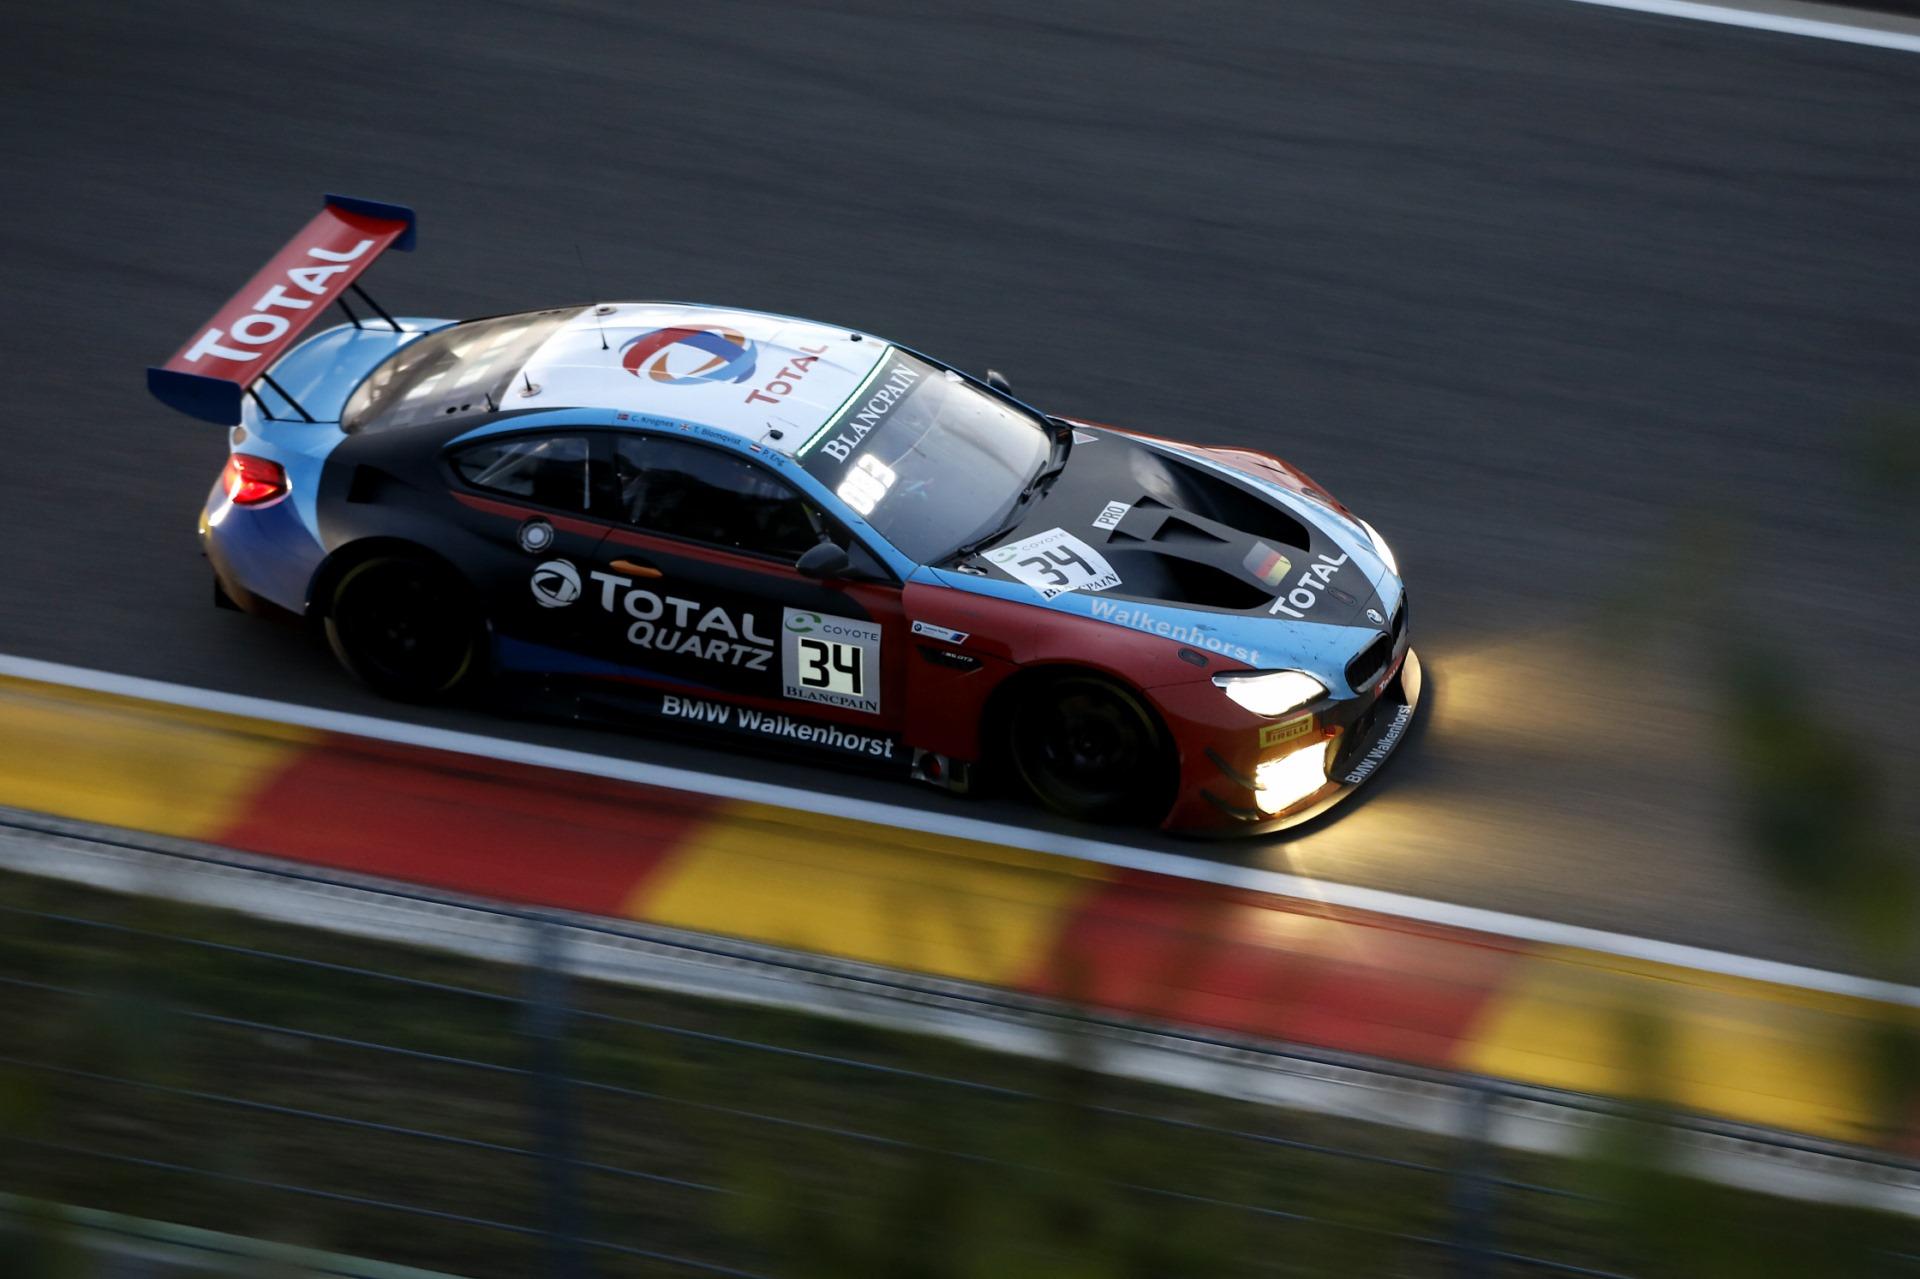 24h Spa 2018 Bmw M6 Gt3 Holt Doppelsieg In Den Ardennen